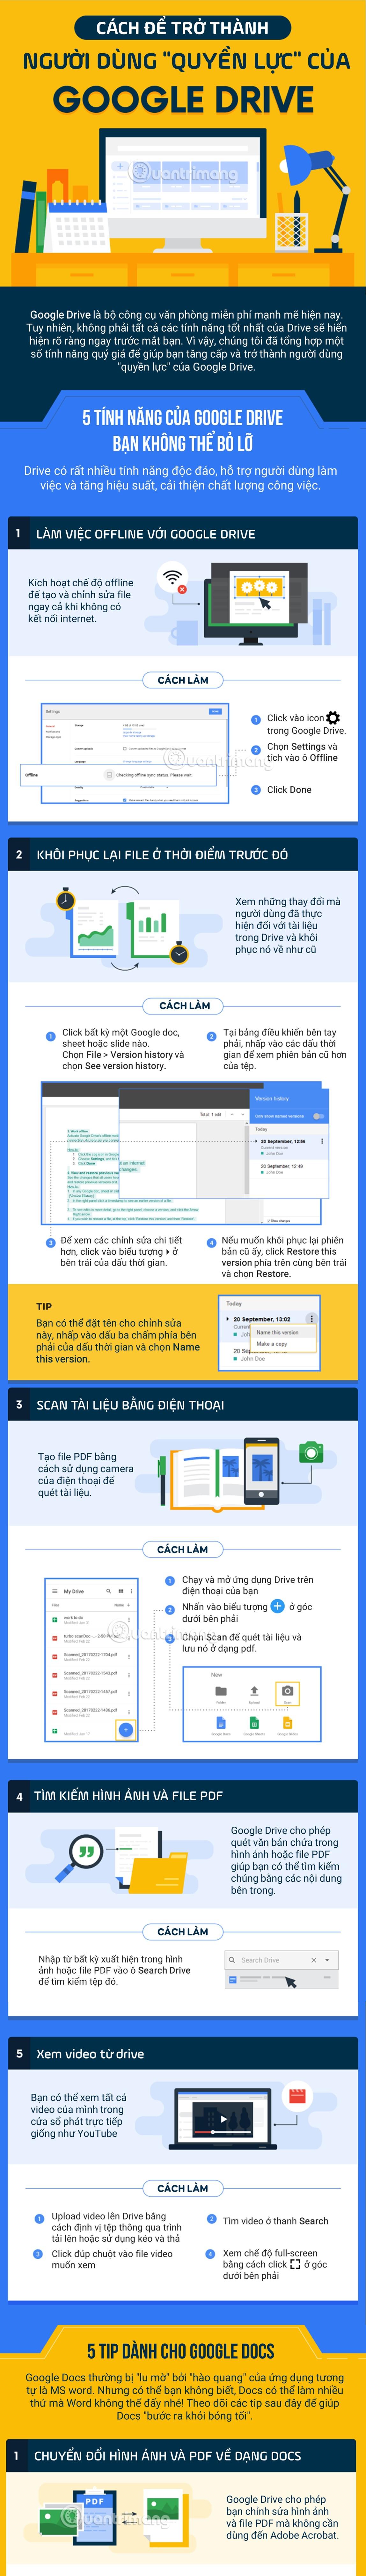 Google Drive là bộ công cụ văn phòng miễn phí mạnh mẽ hiện nay.